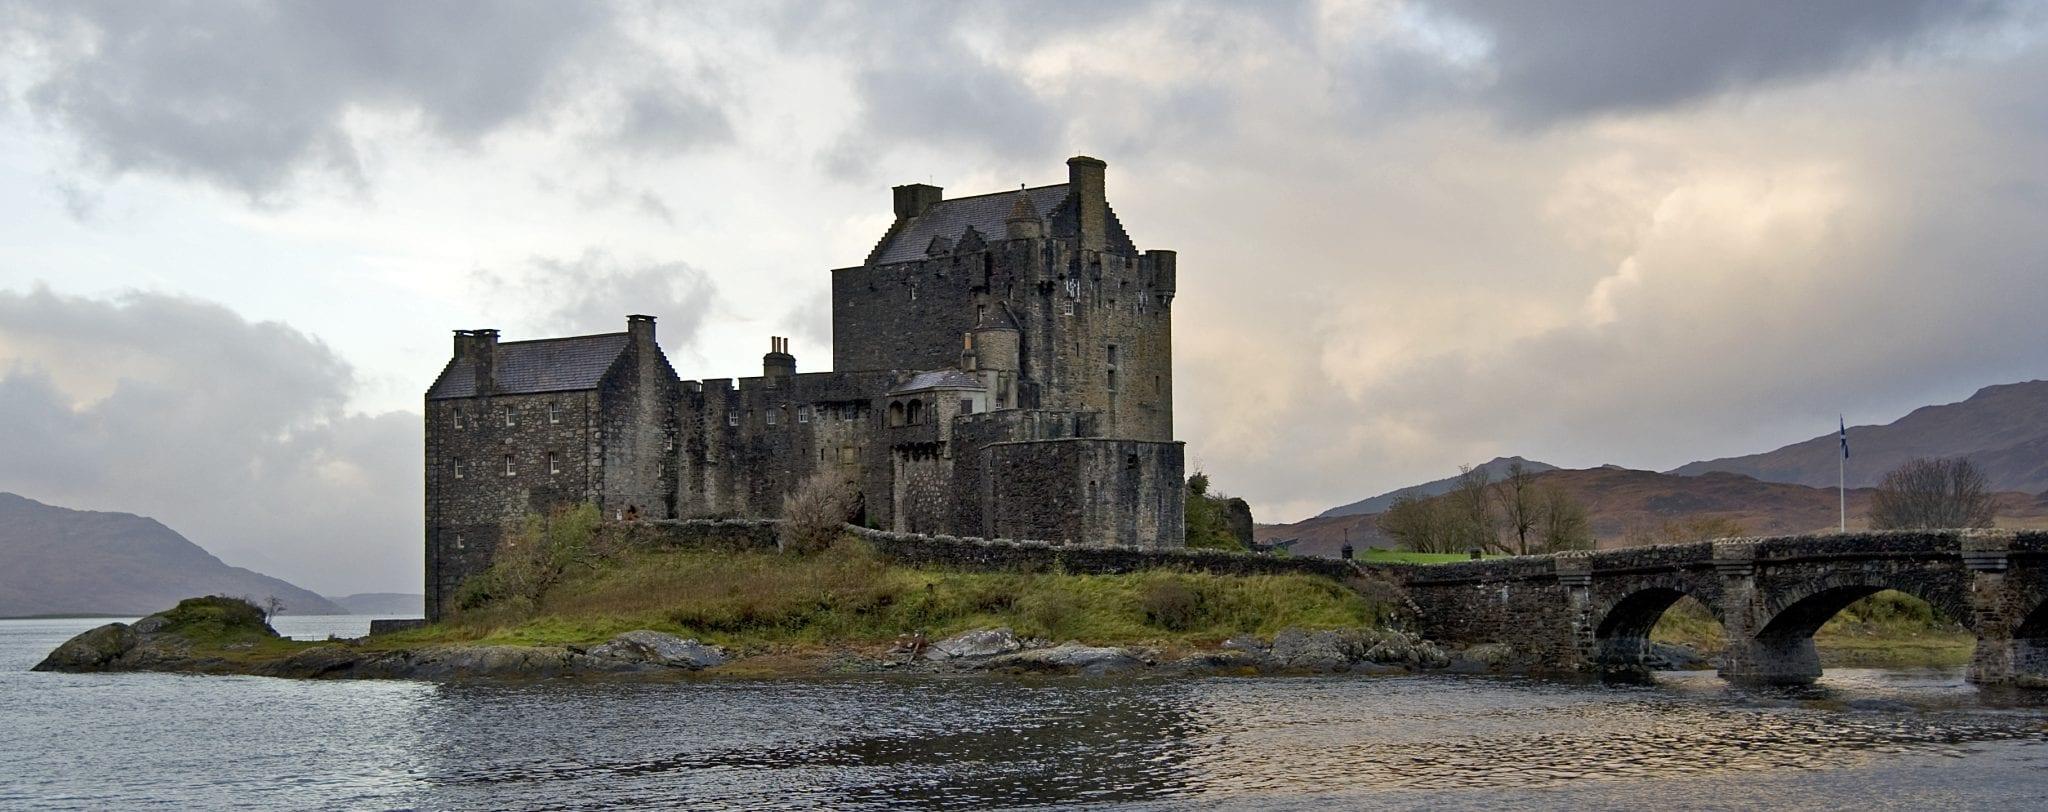 Vivir o emigrar a Escocia: Consulado en Edimburgo, Escocia